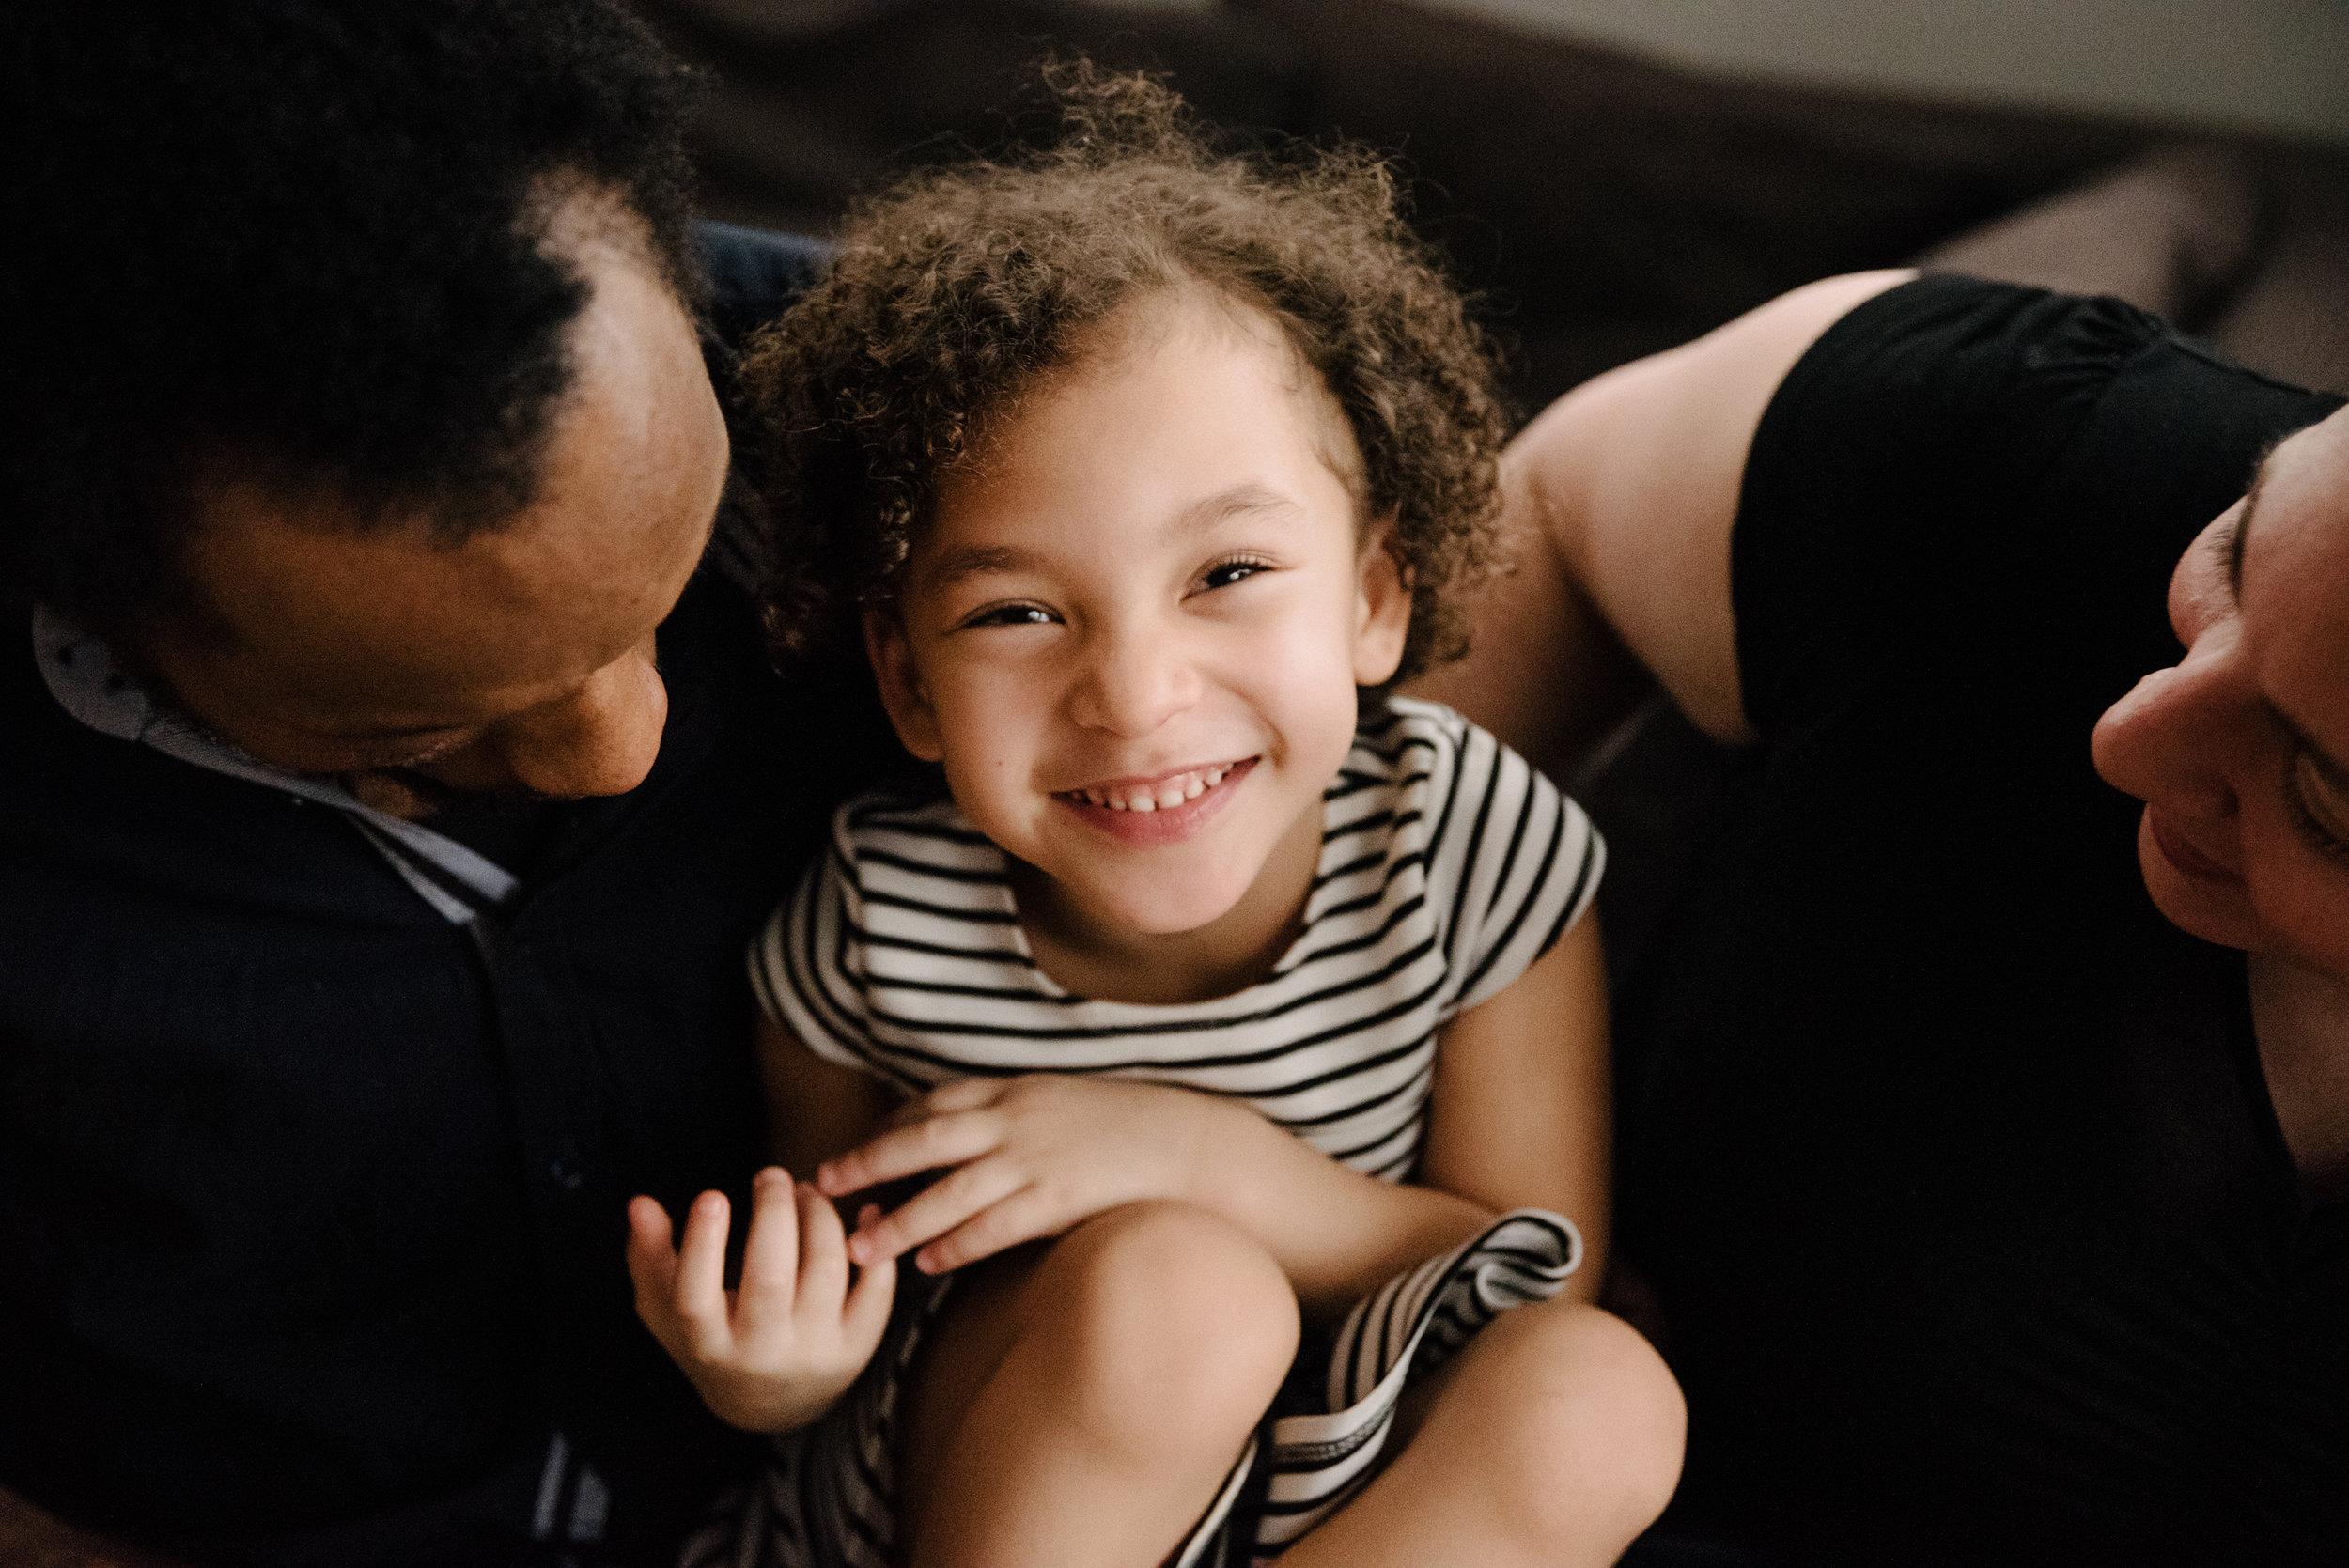 photo-d-une-fillette-et-ses-parents-qui-rigolent-sur-le-divan-photographe-de-famille-a-montreal-marianne-charland-690.jpg